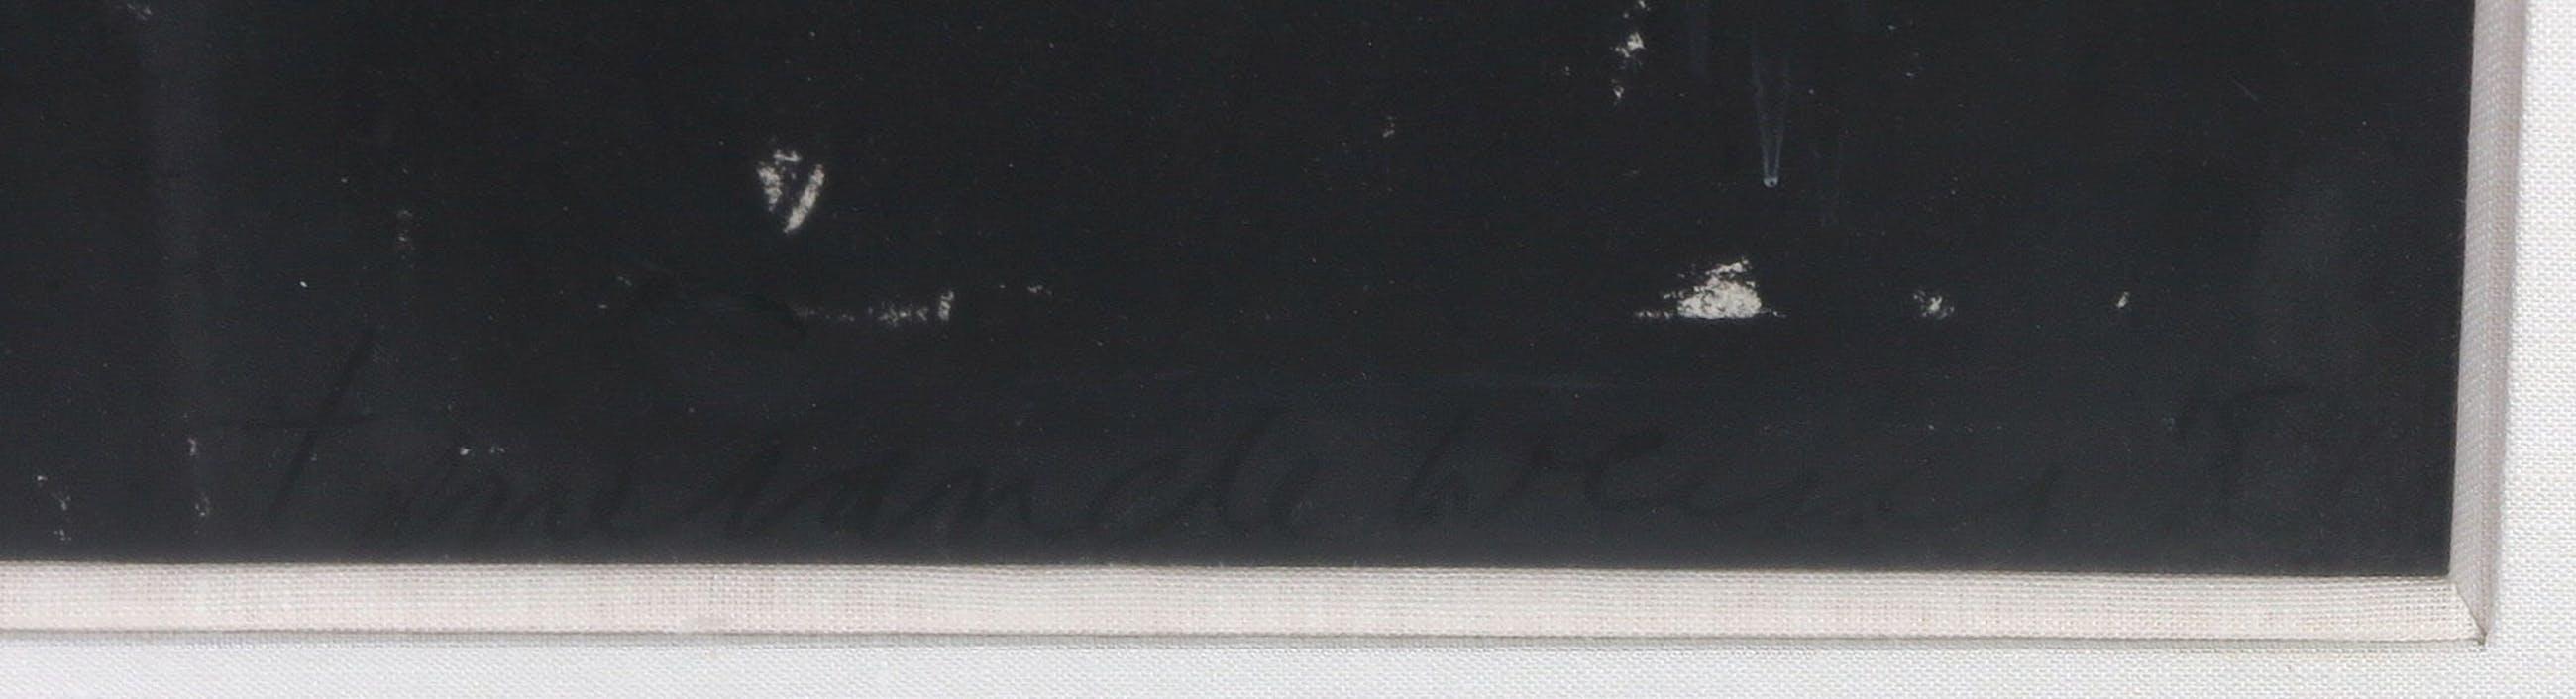 Tine van de Weyer - Gemengde techniek op papier, Zonder titel - Ingelijst kopen? Bied vanaf 50!